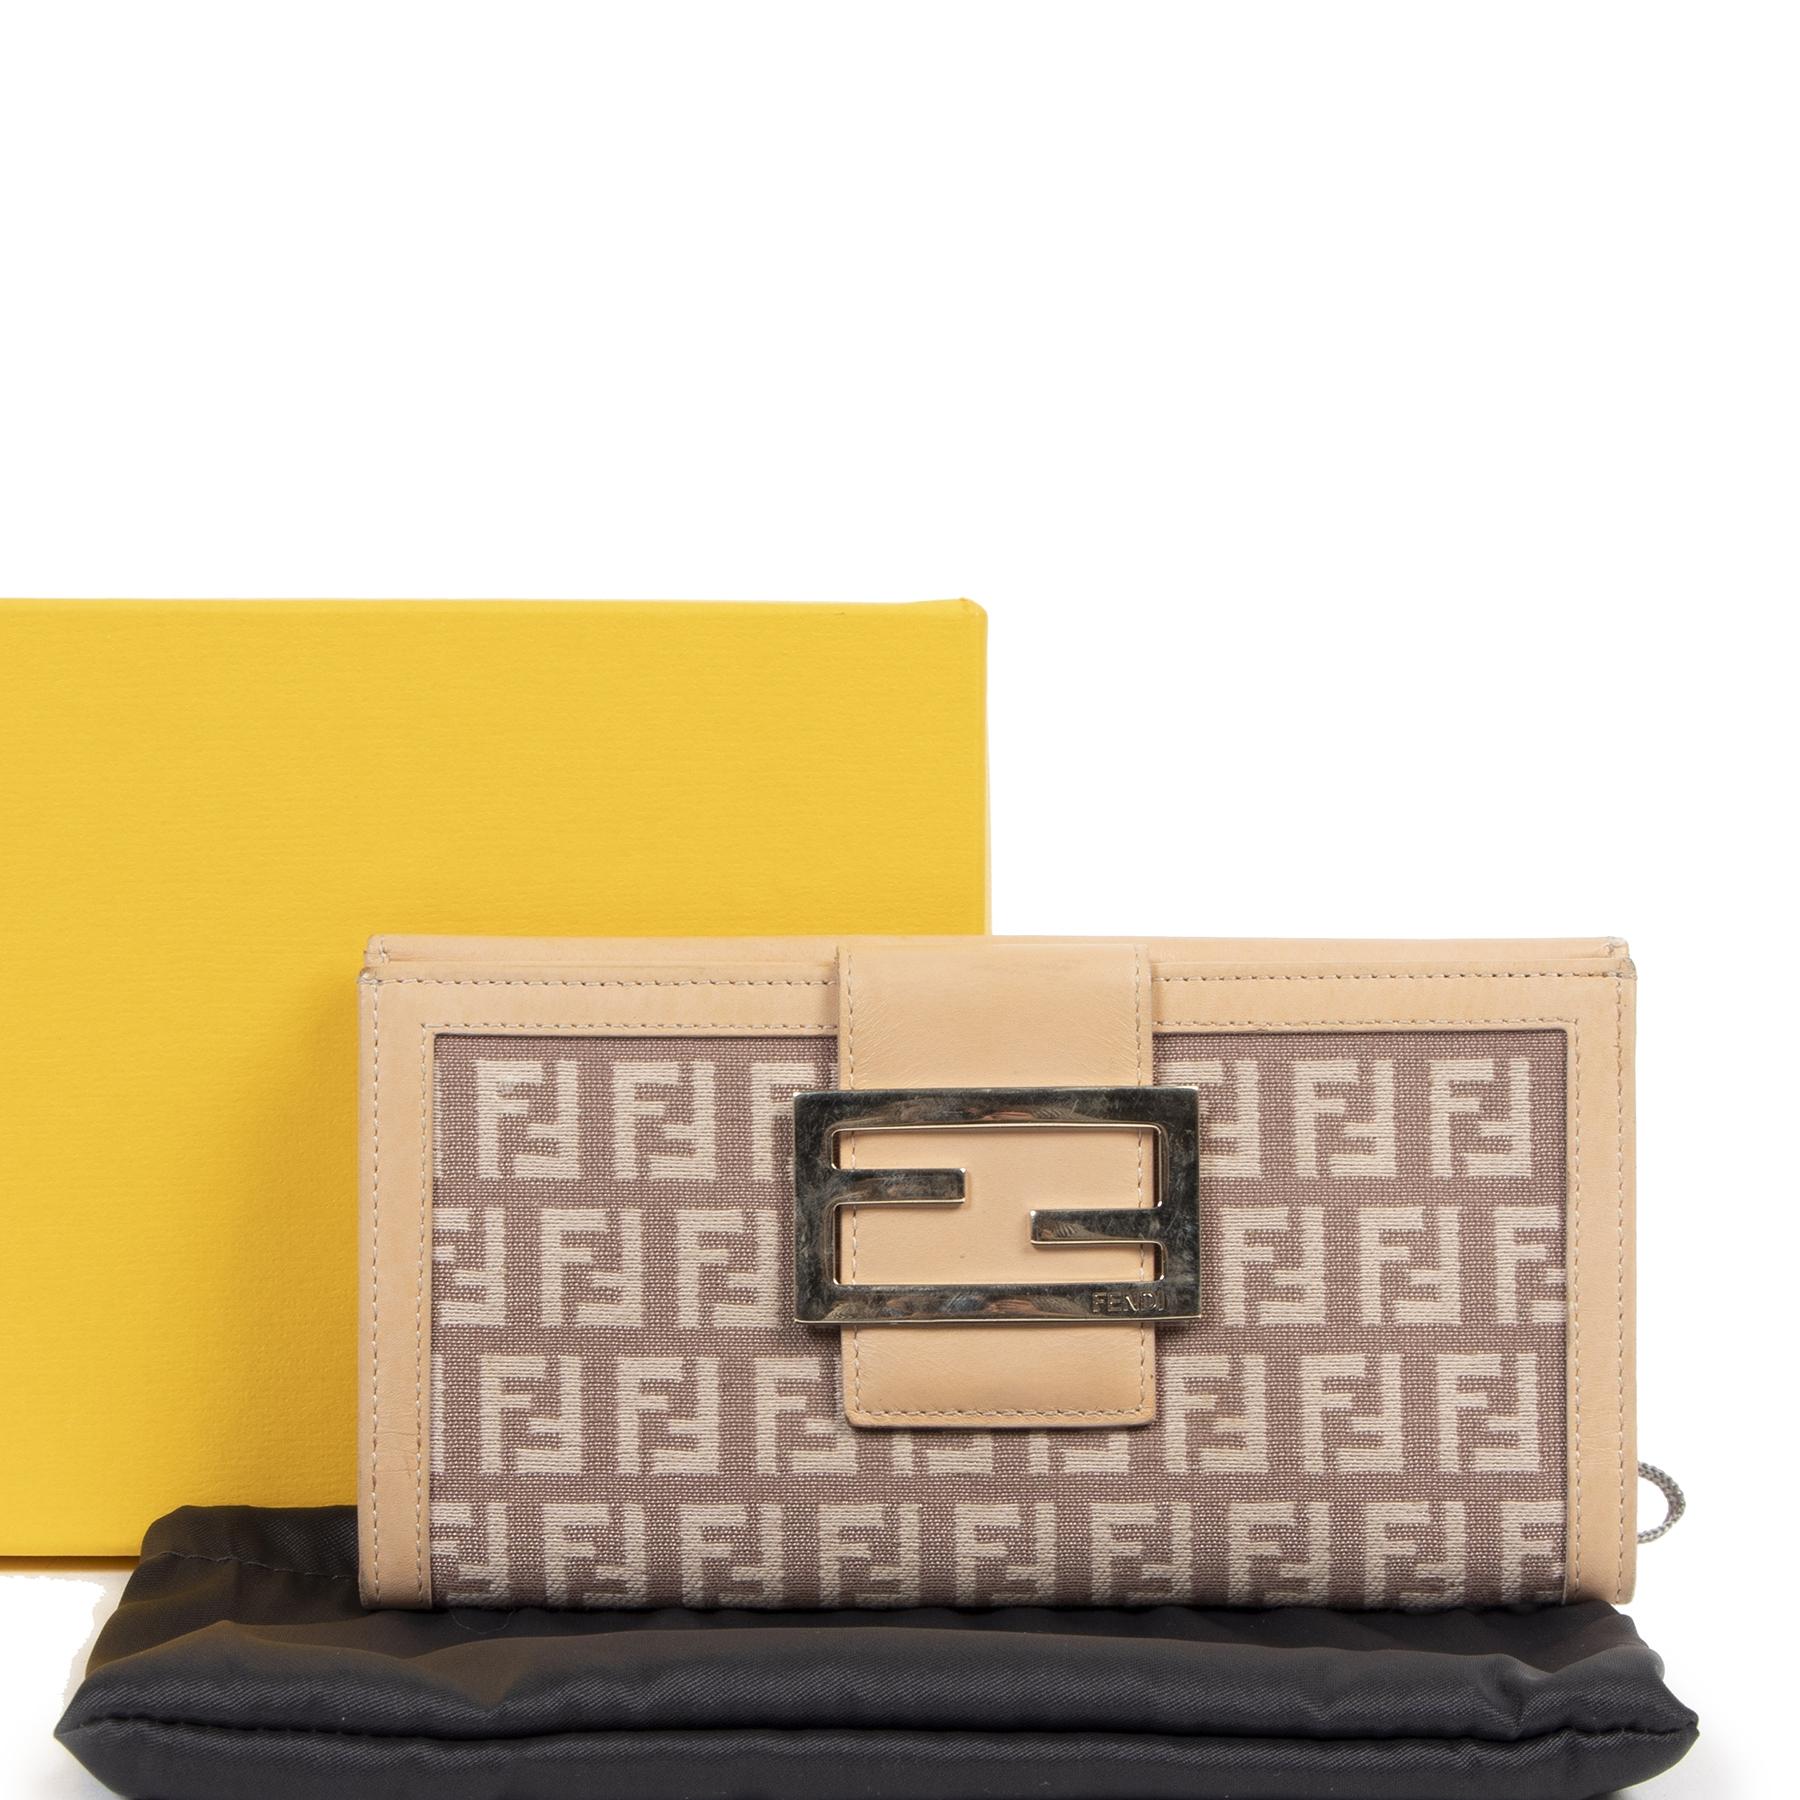 Authentieke tweedehands vintage Fendi Beige Zucchino Wallet koop online bij webshop LabelLOV